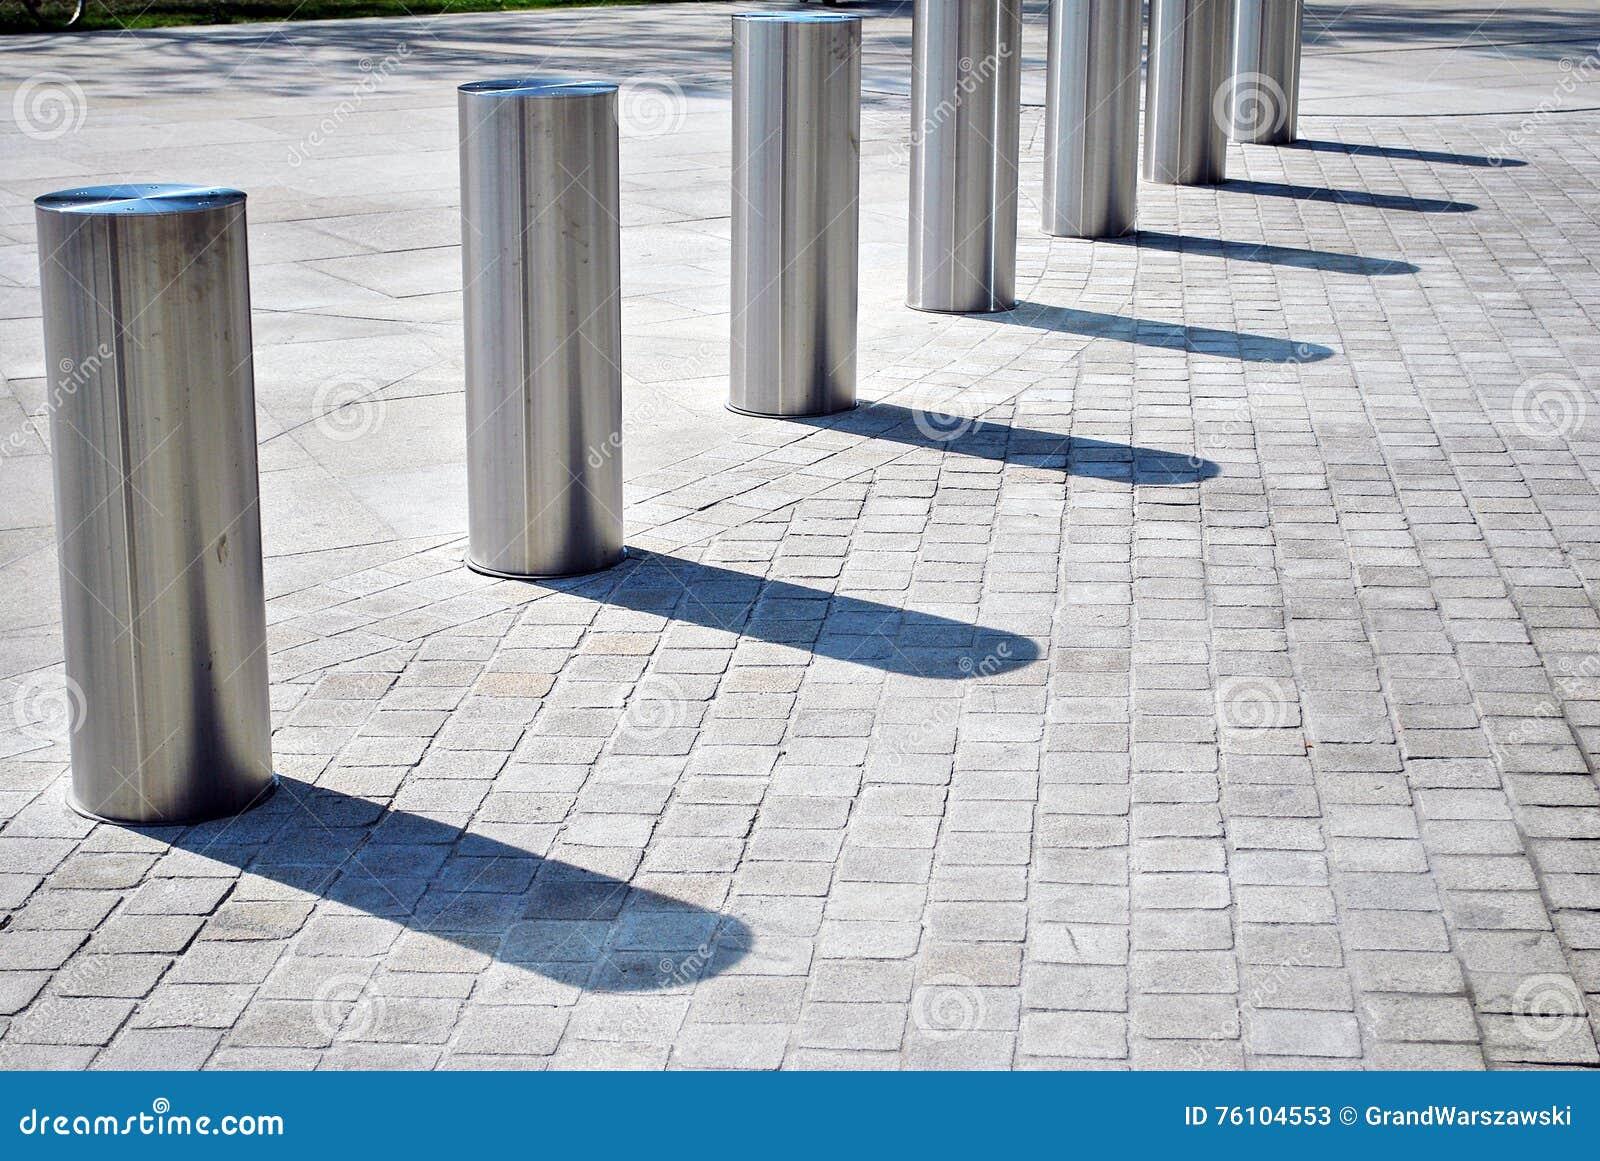 De barrière van de voertuigtoegang Perimetertoegangsbeheer voor voertuigen